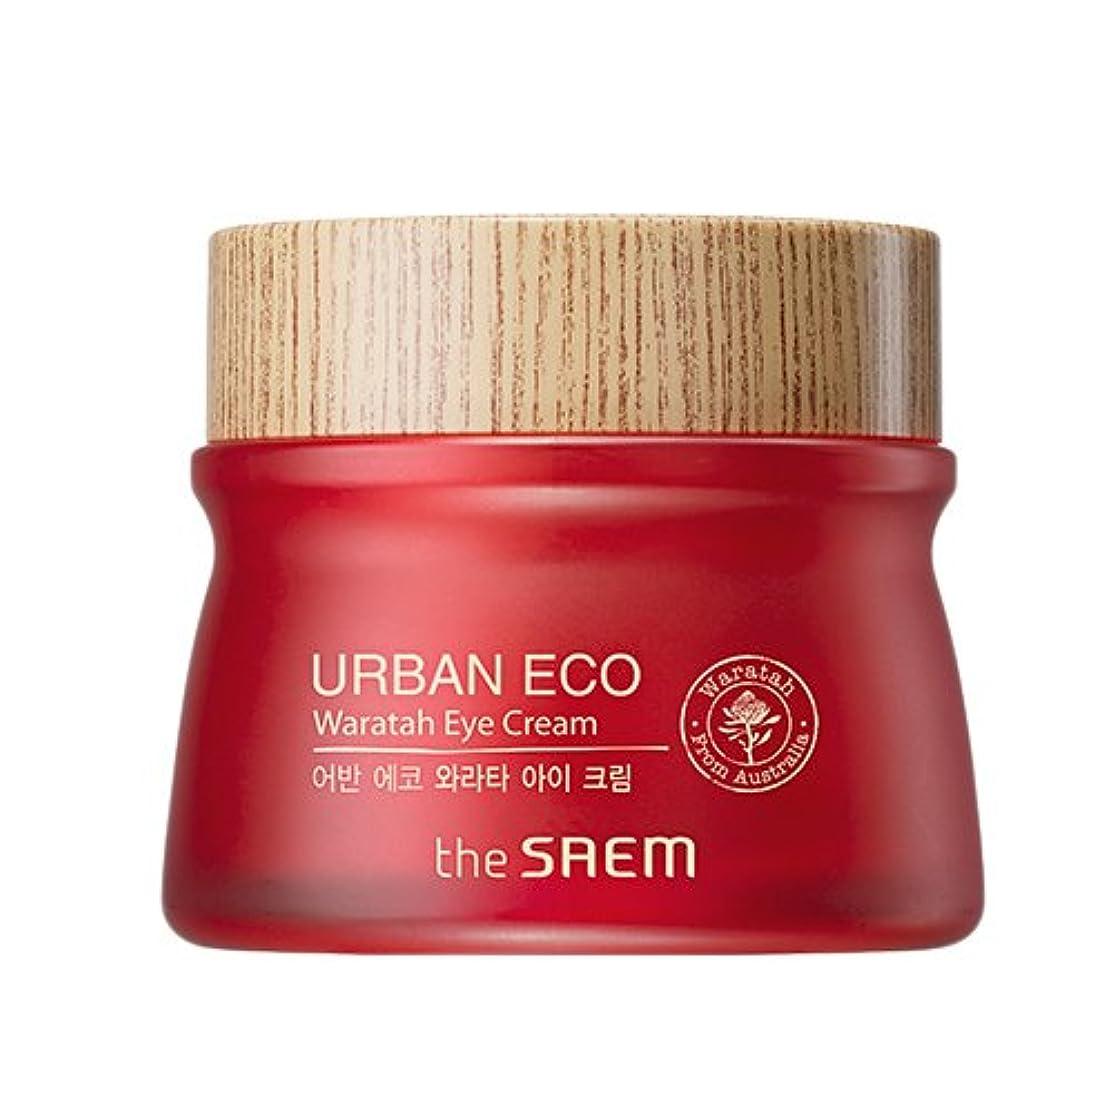 ドセム アーバンエコワラターアイクリーム 30ml Urban Eco Waratah Eye Cream [並行輸入品]